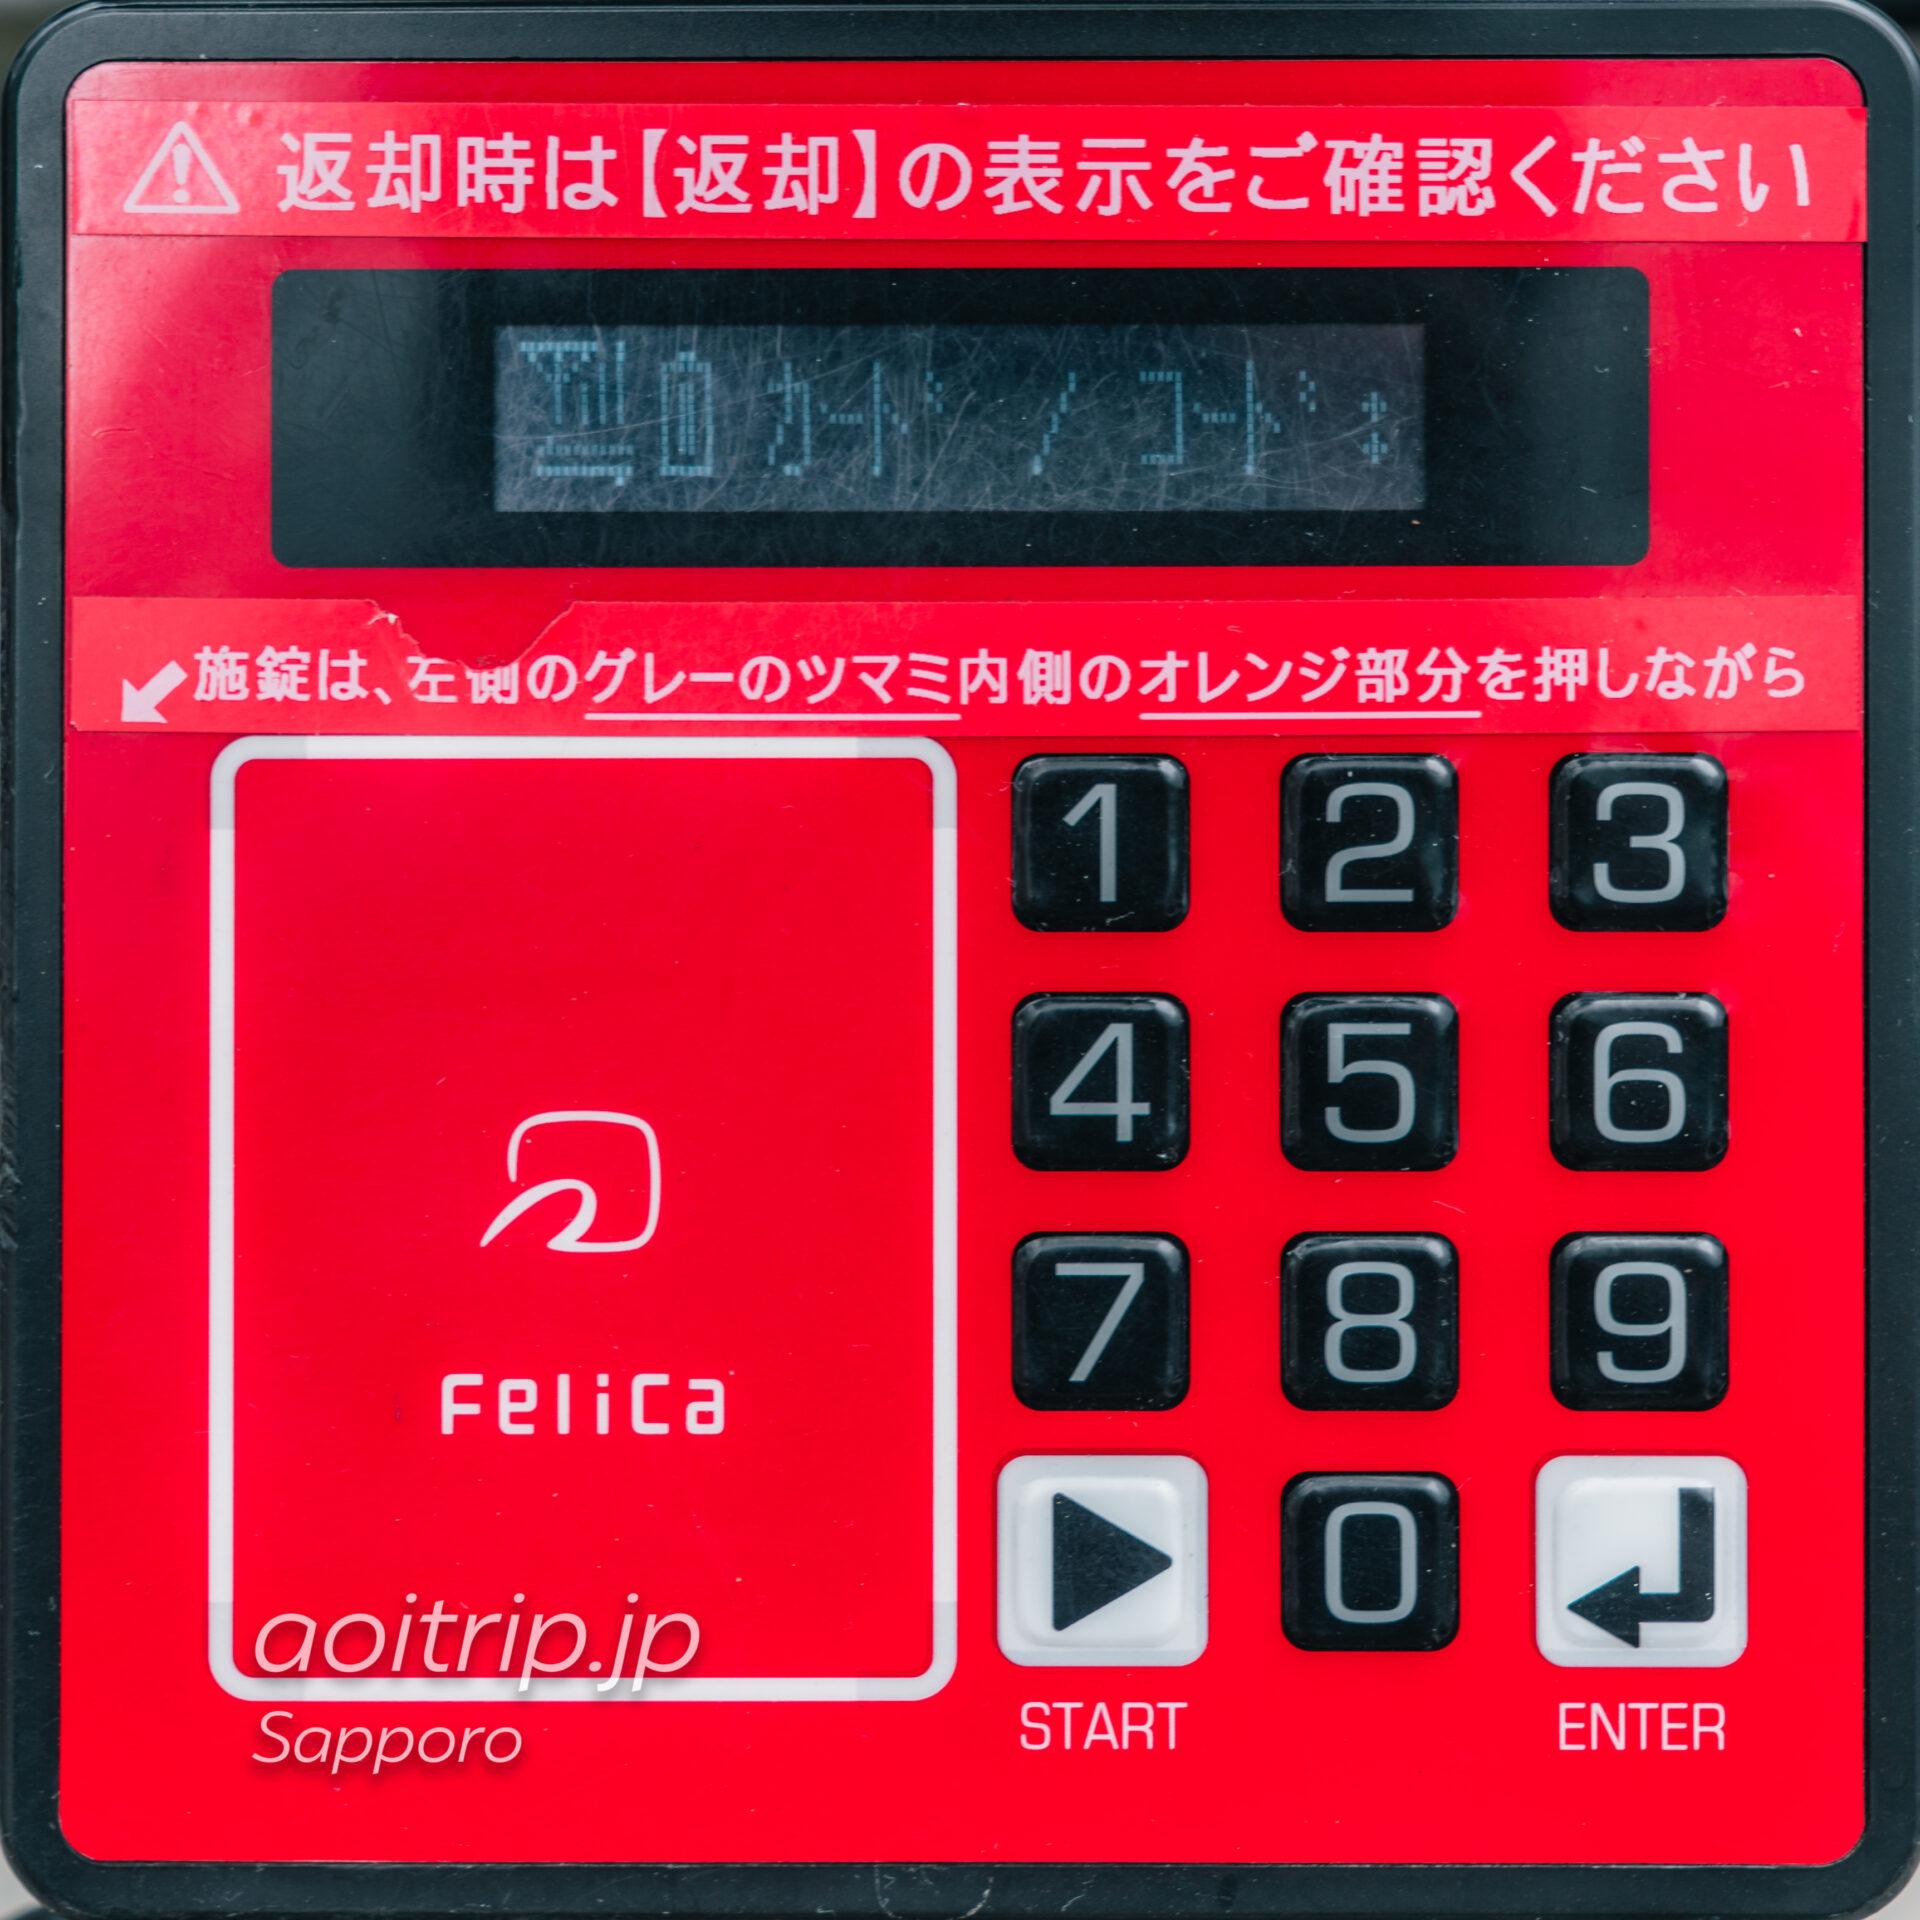 ポロクルの借り方・レンタル方法 ポロクルの借り方・レンタル方法 ポロクルの借り方・レンタル方法 解錠して借りる